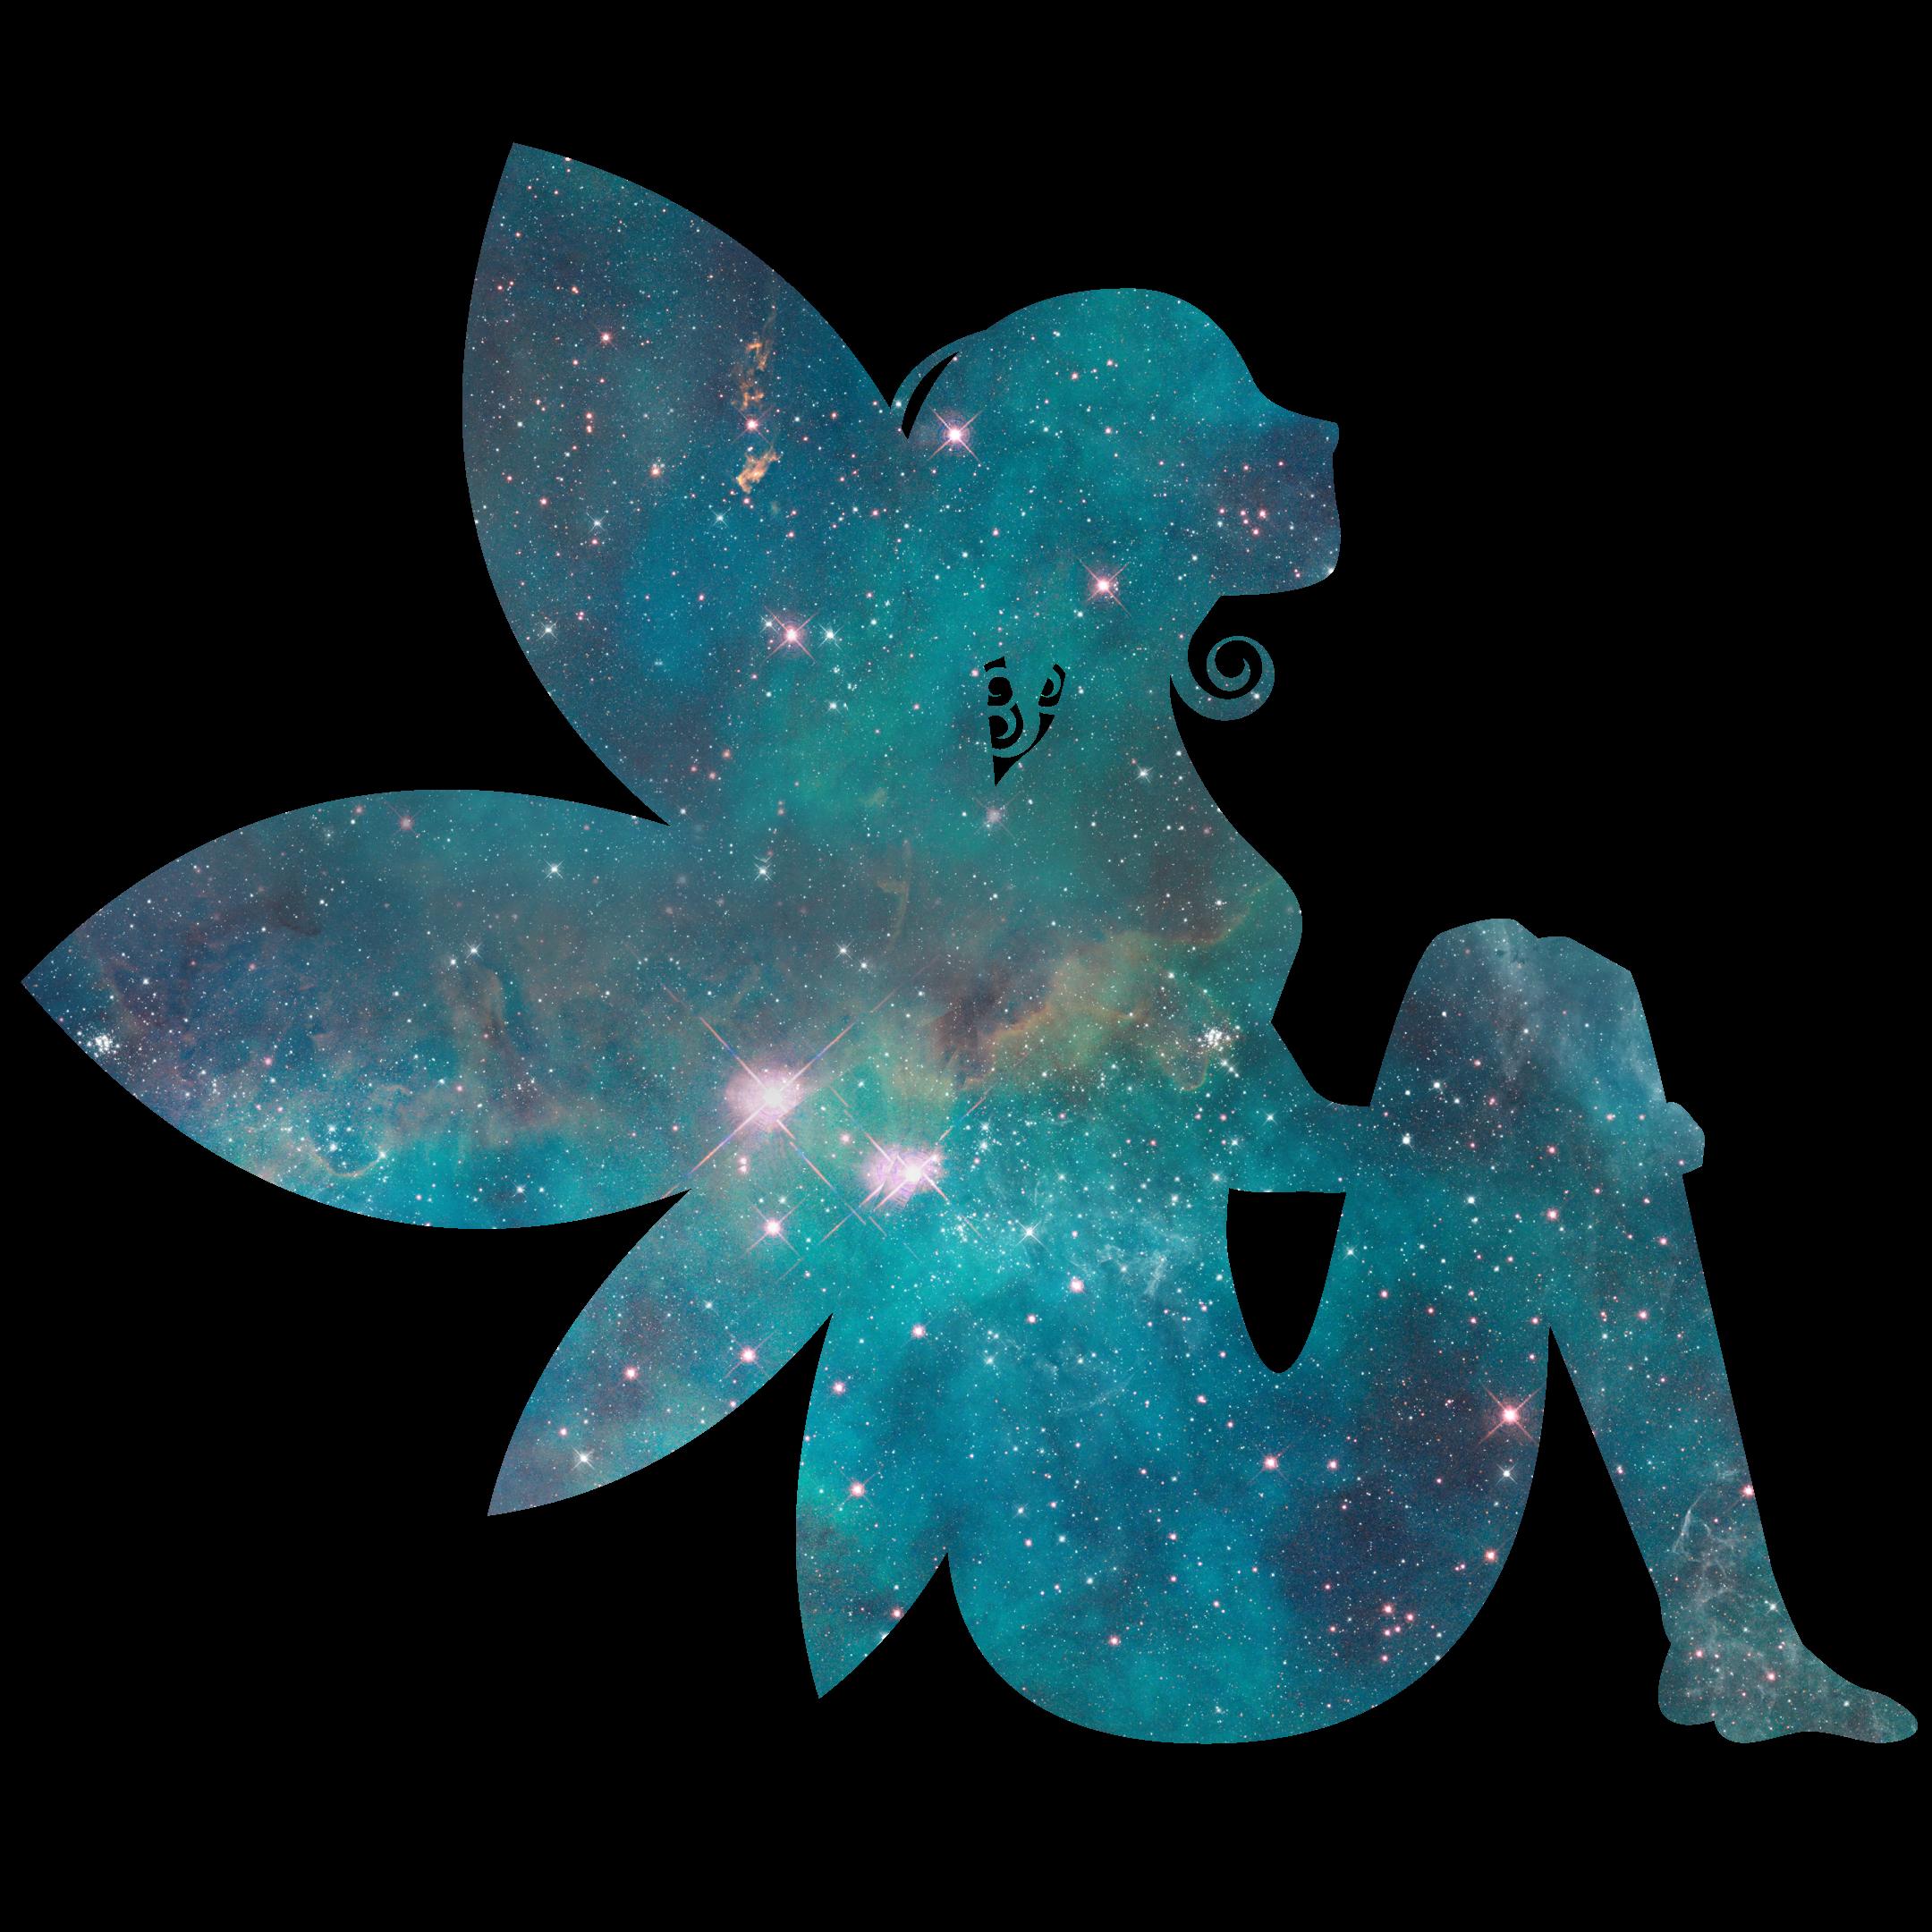 Fee Elfe türkis blau Glitzer Universum Sternenhimmel magisch verzaubert